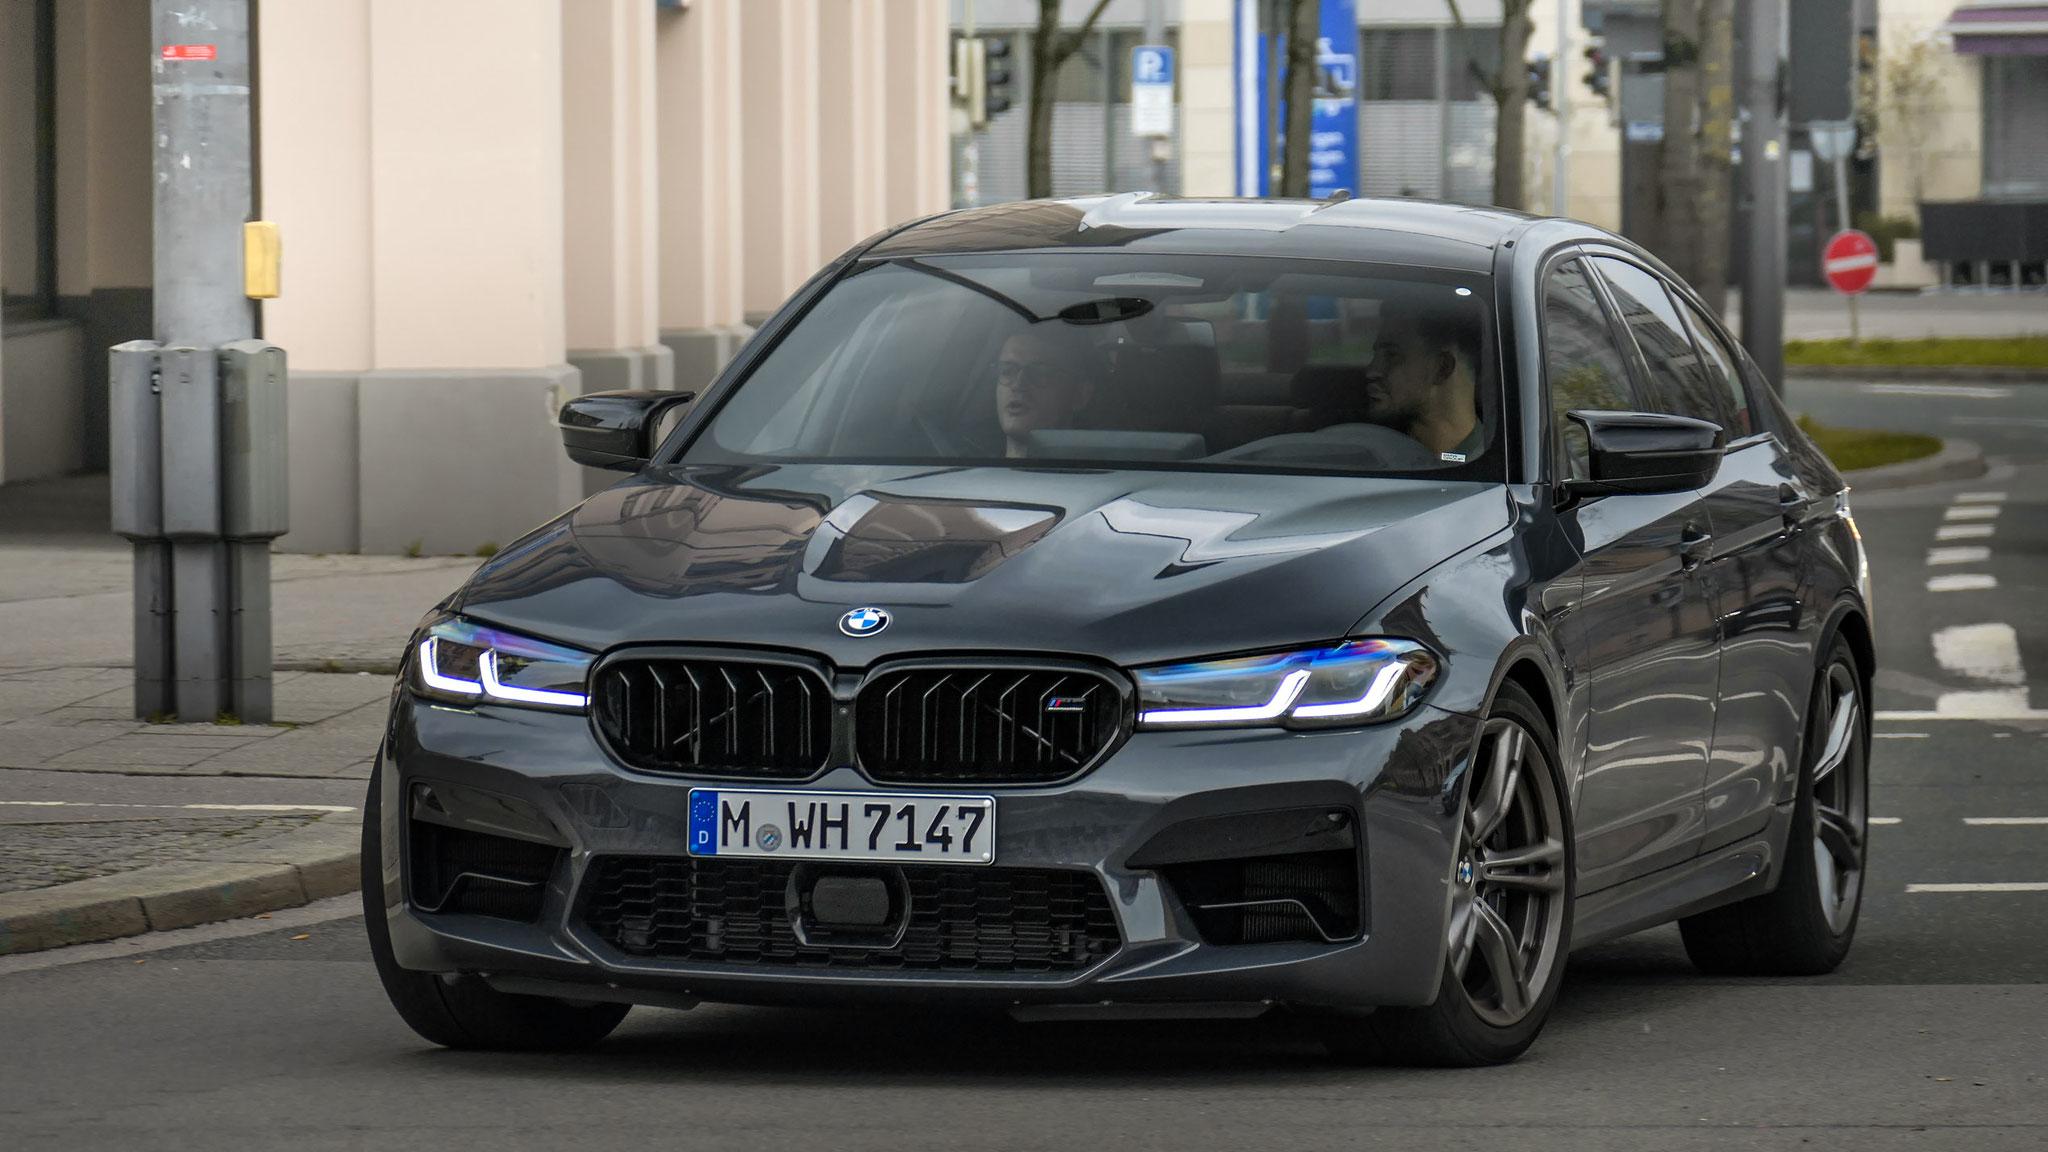 BMW M5 - M-WH-7147